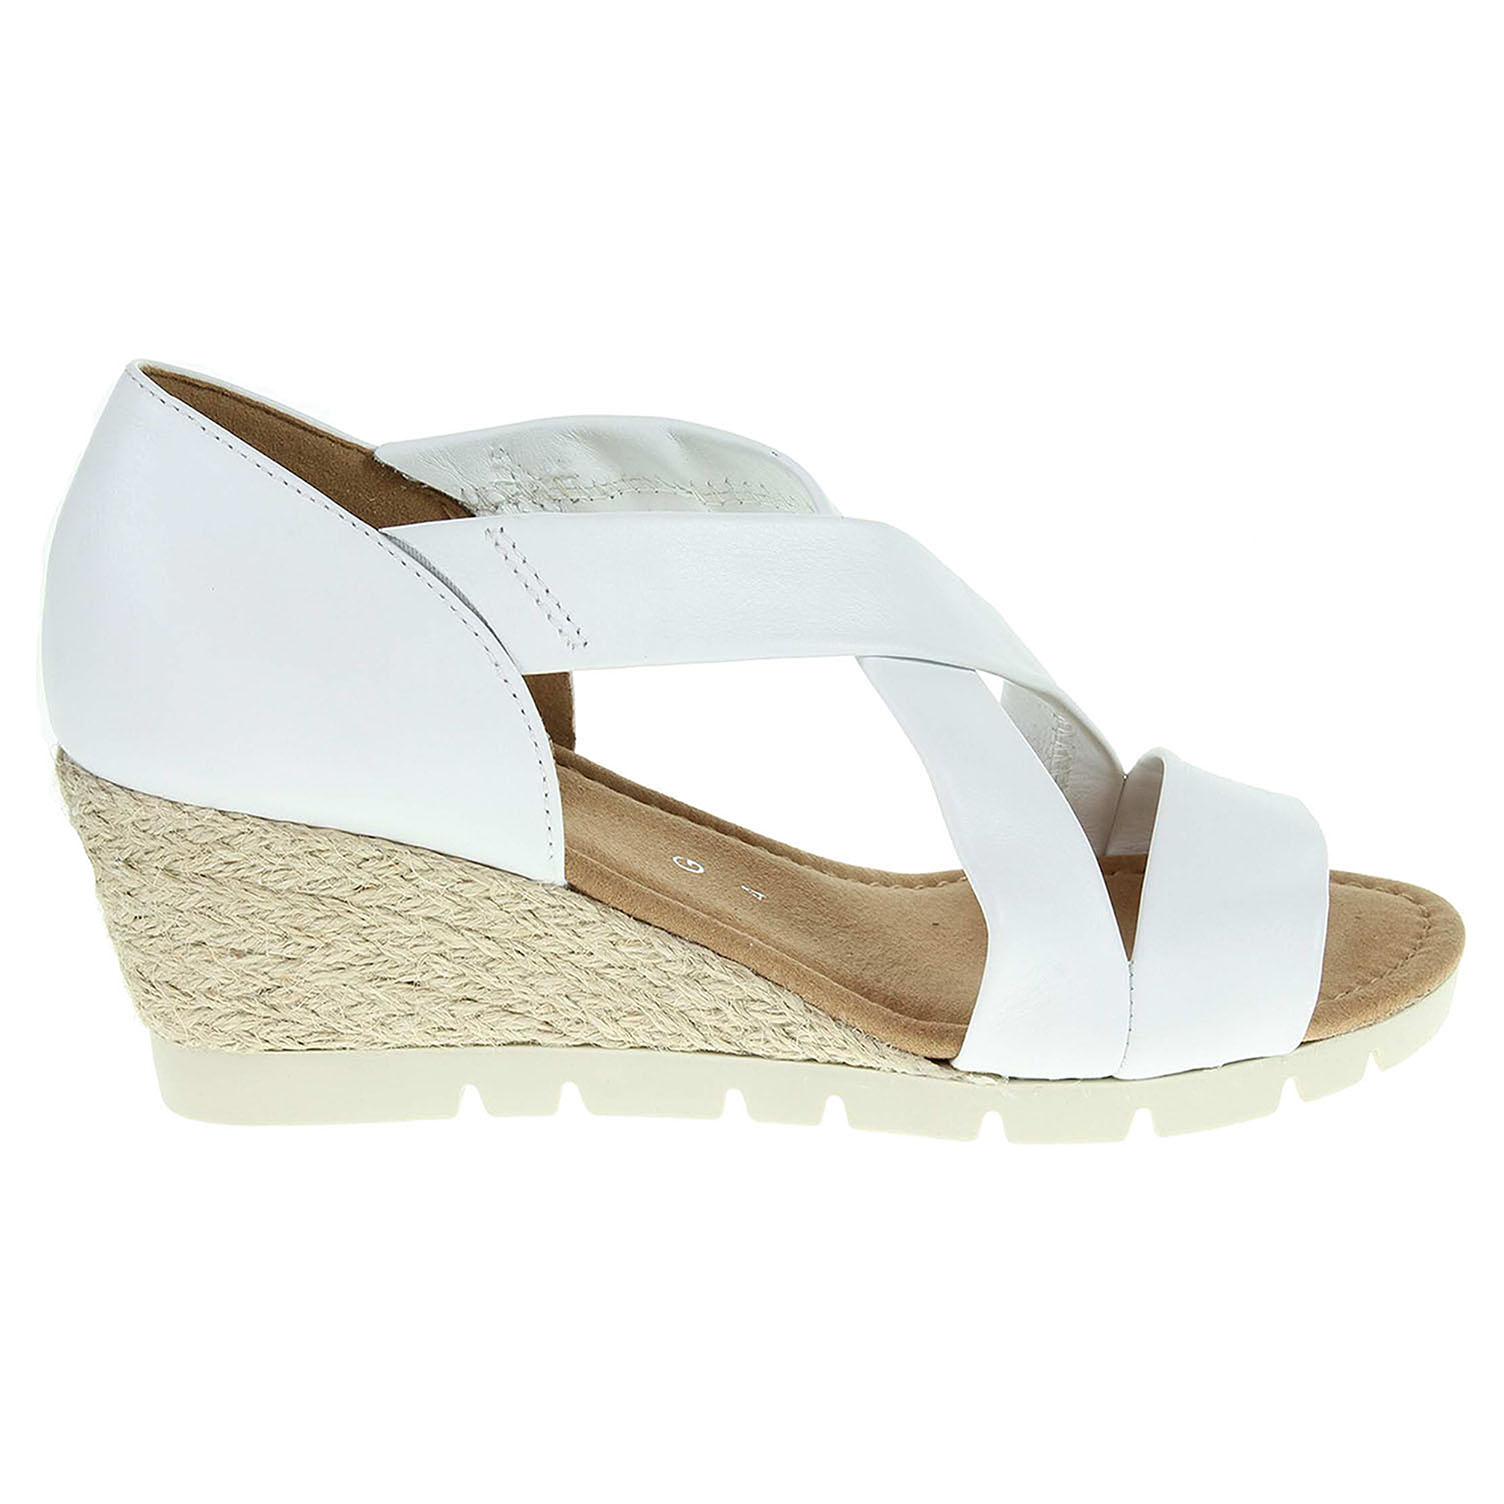 Ecco Gabor dámské sandály 62.853.50 bílé 23801177